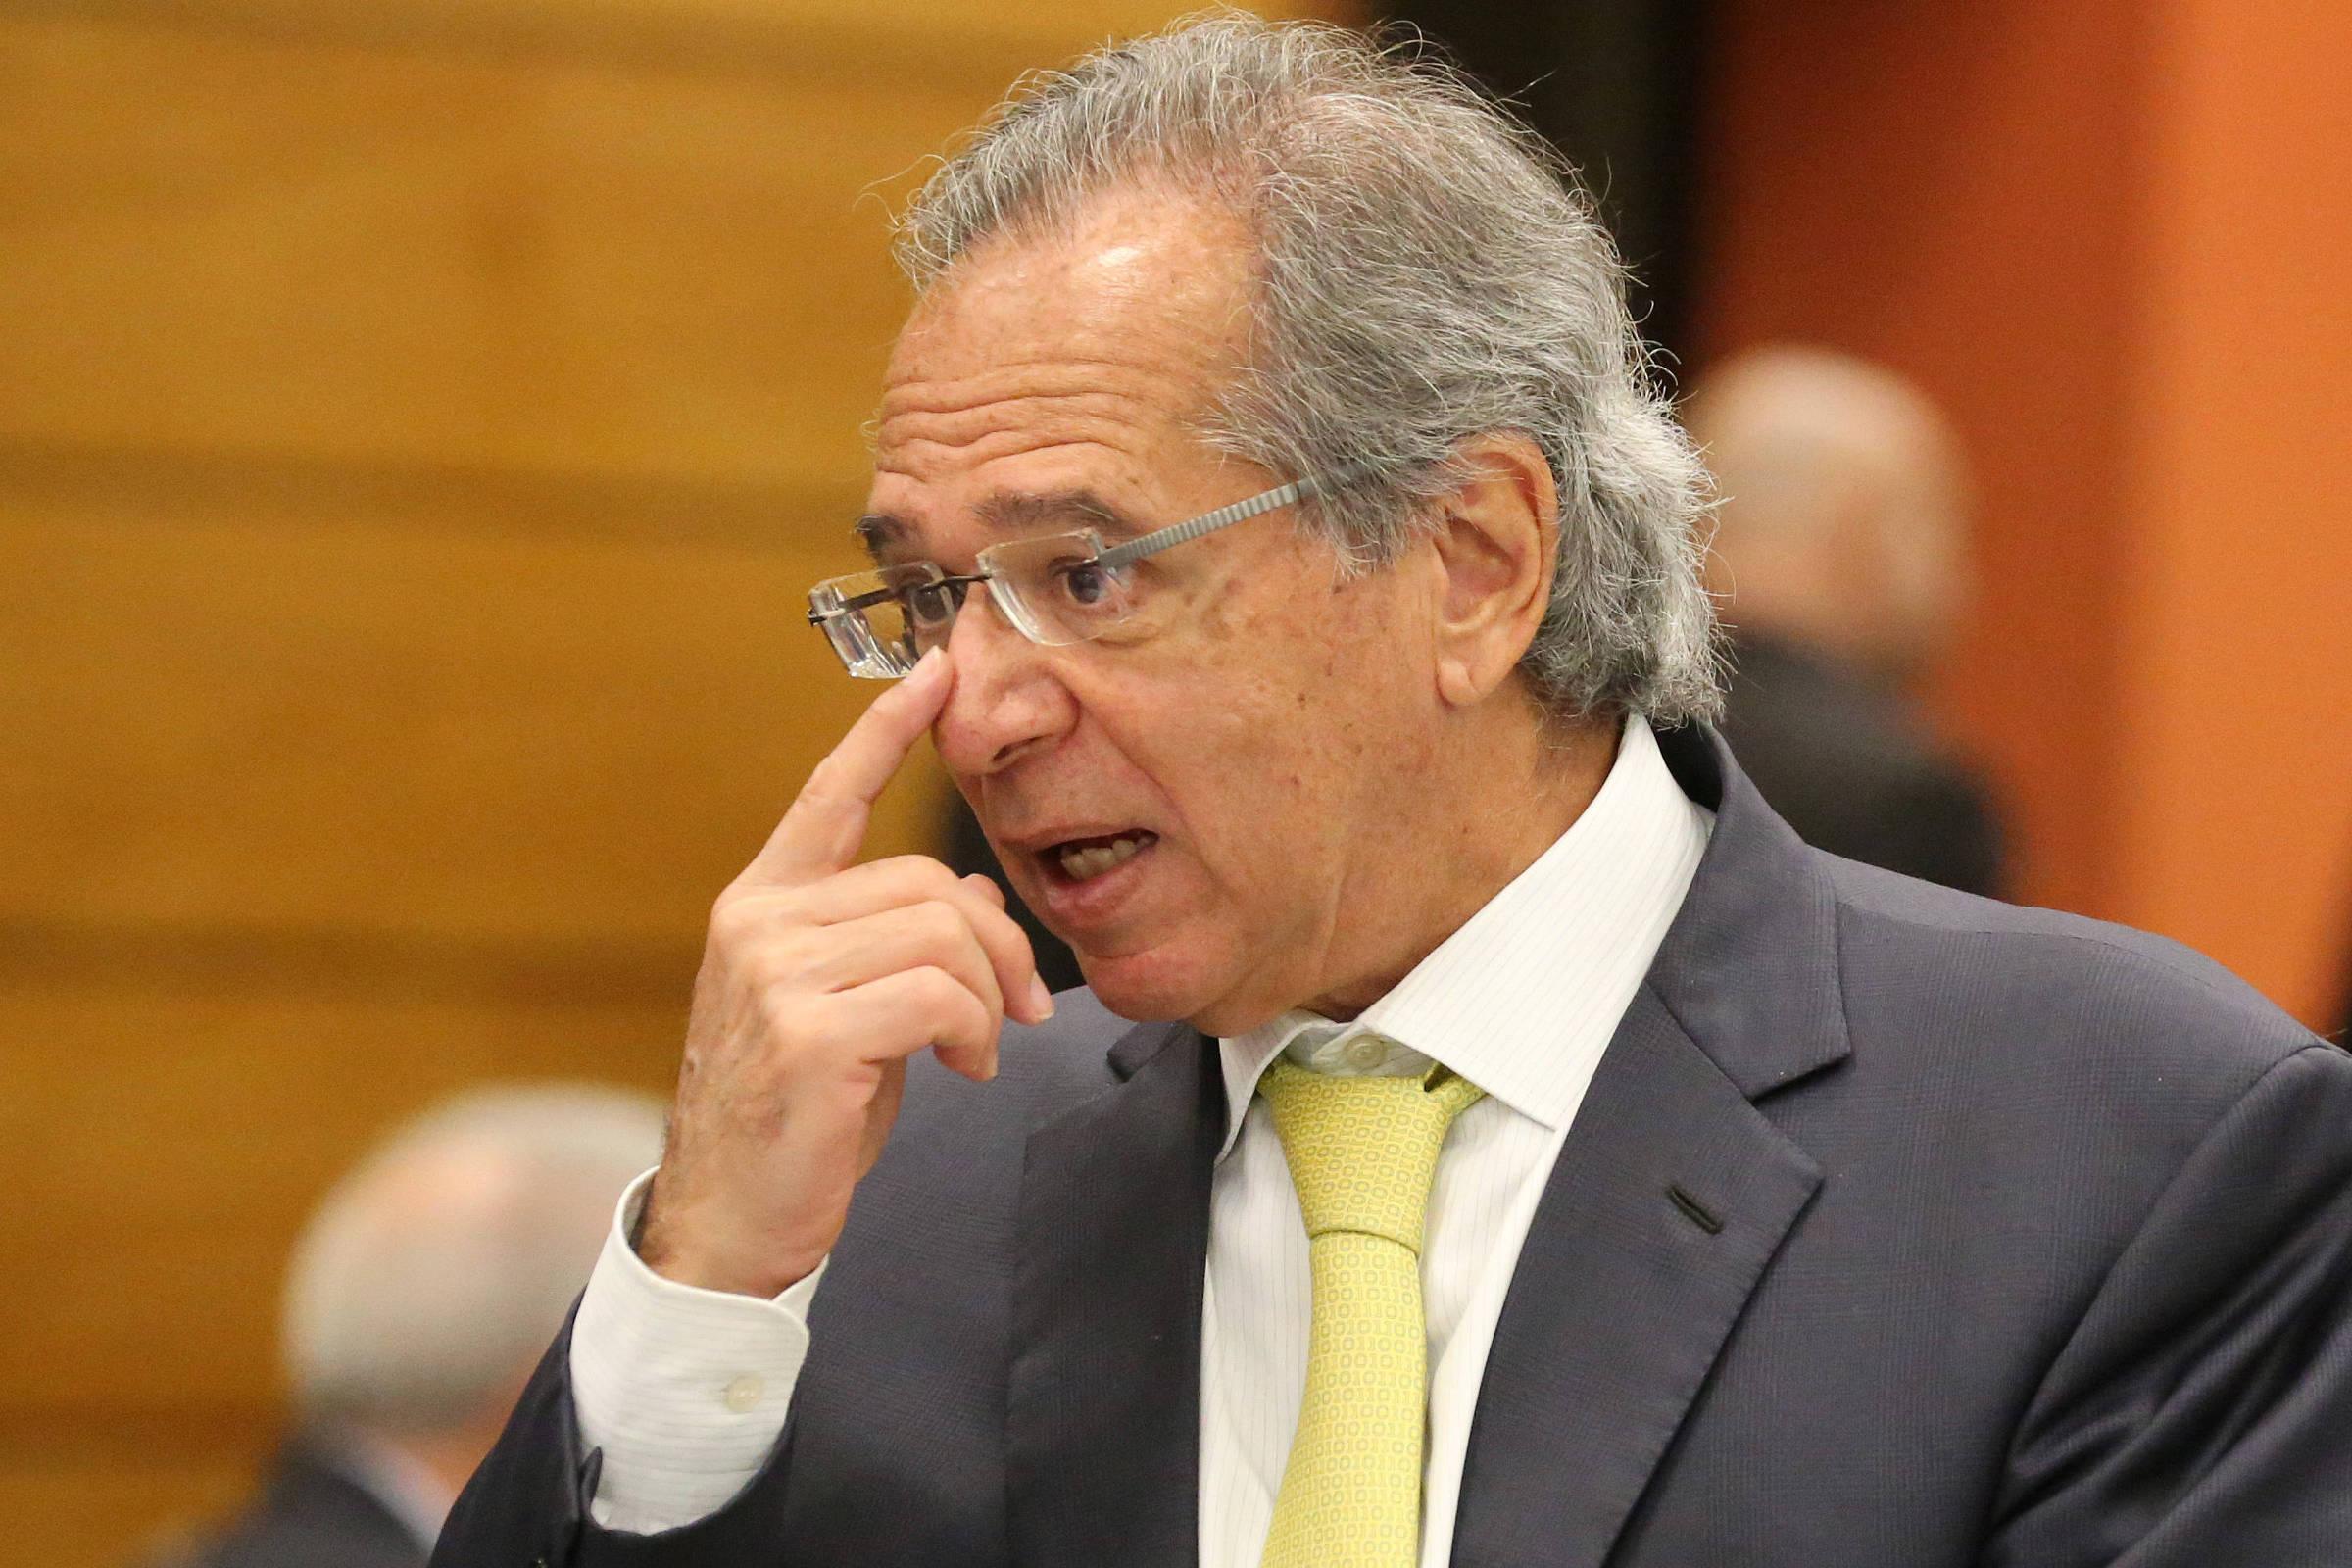 Paulo Guedes Se Beneficiou Com Fraude De Corretora Afirma Juiz  Mercado Folha